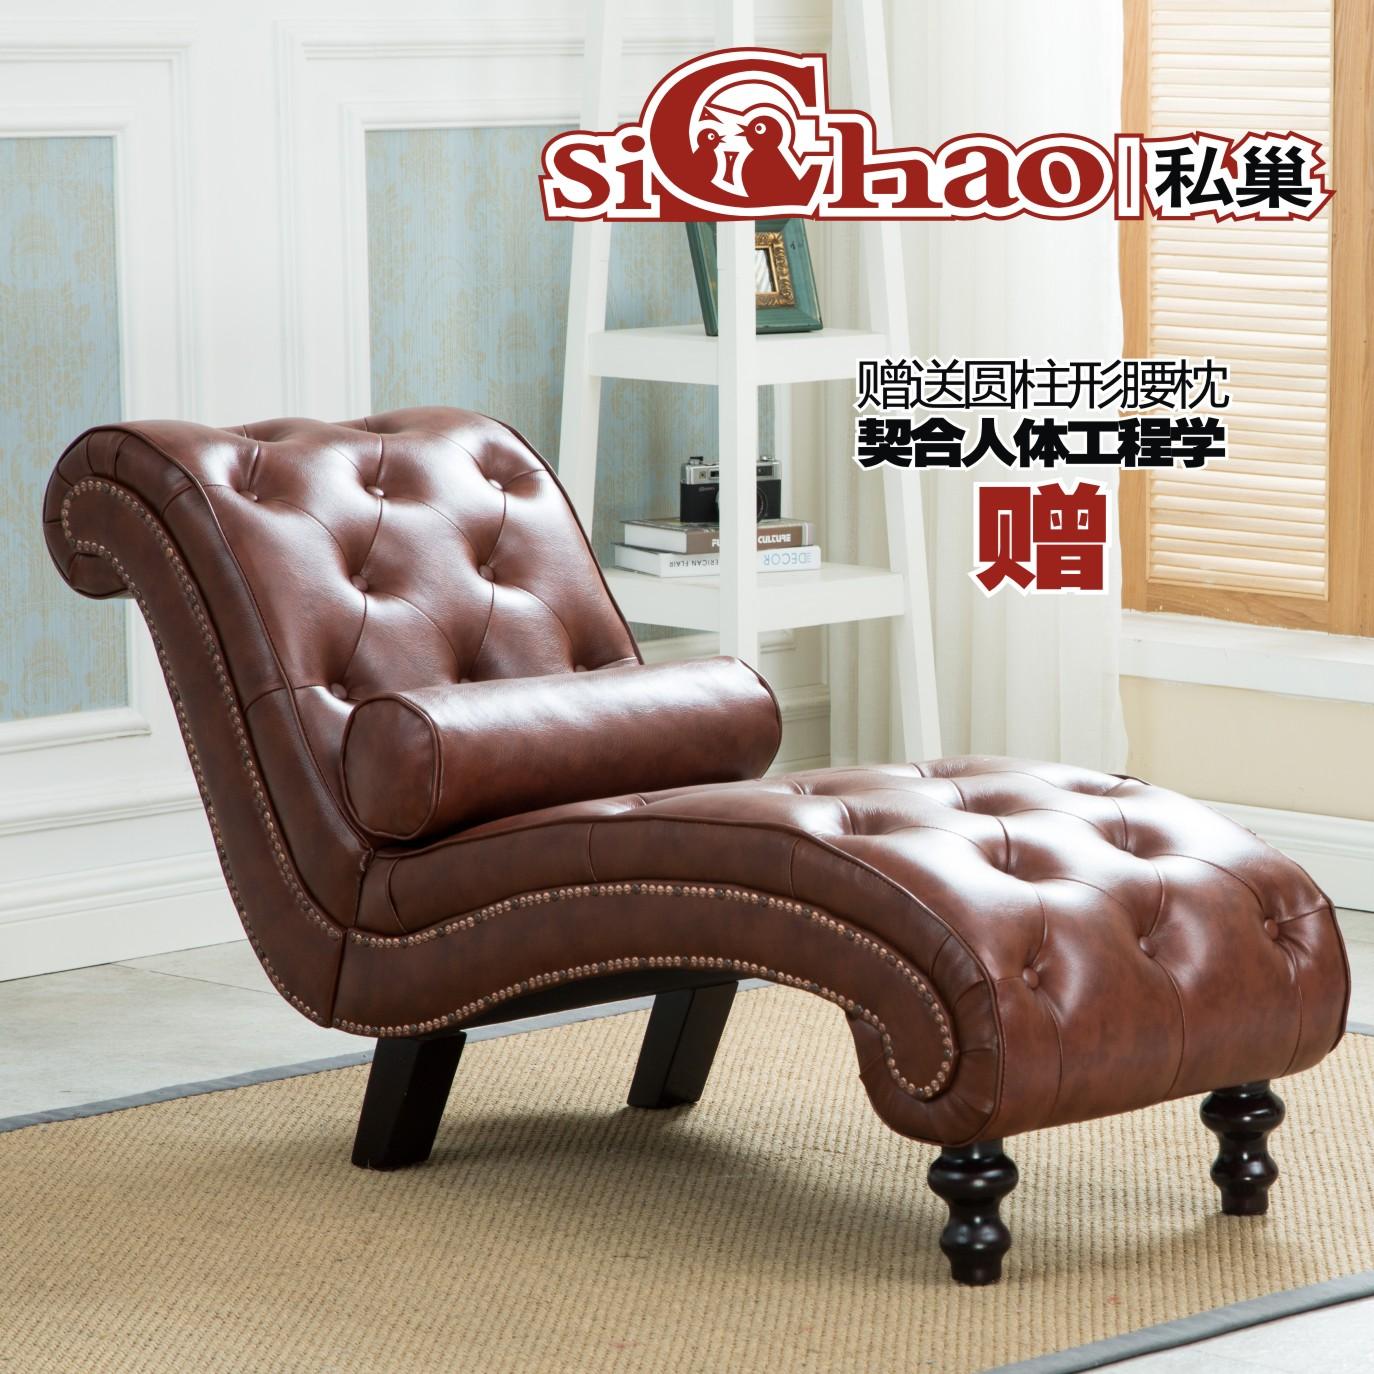 躺椅客厅卧室欧式古典贵妃椅